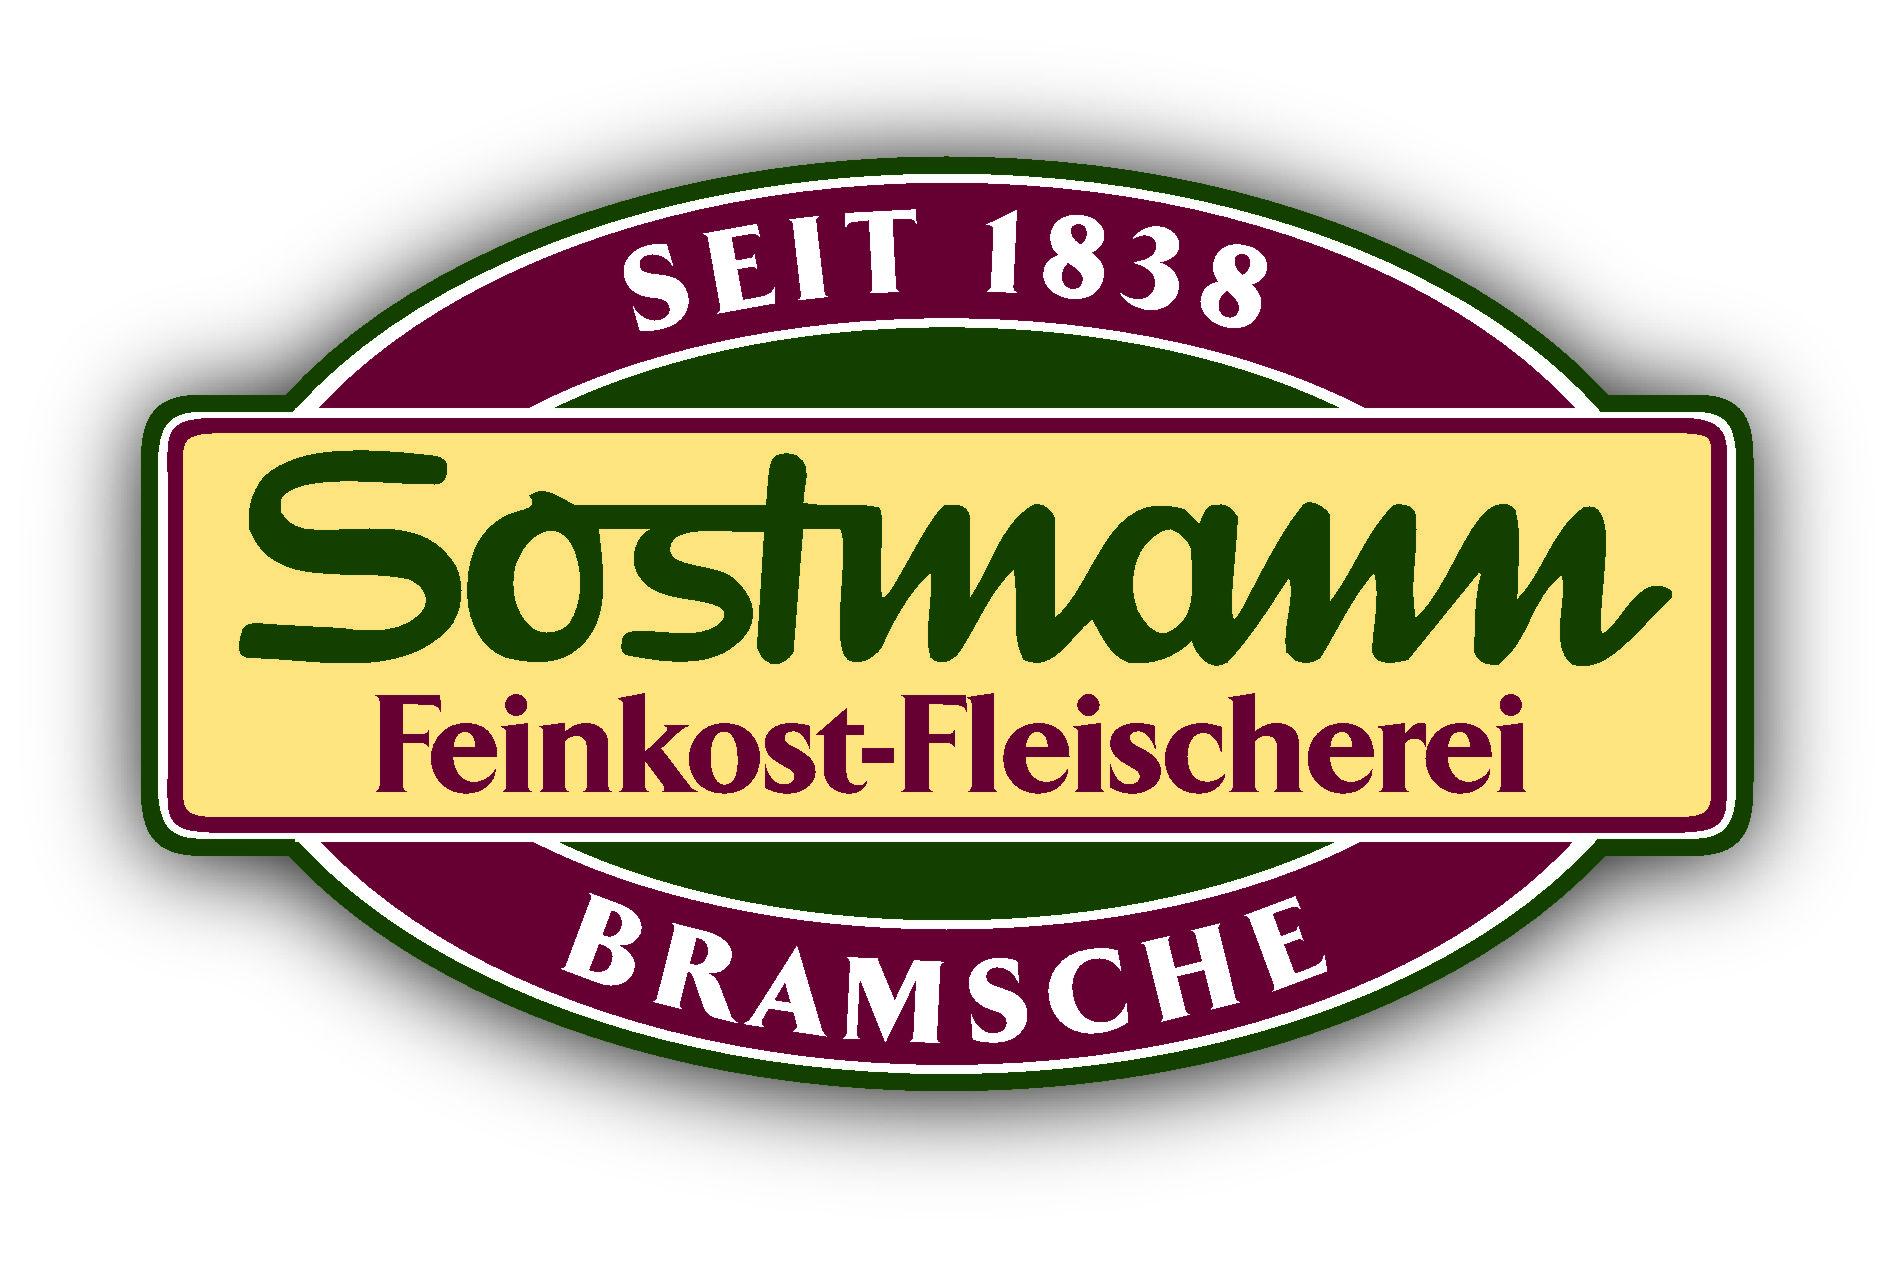 Sostmann Fleischwaren GmbH und Co. KG